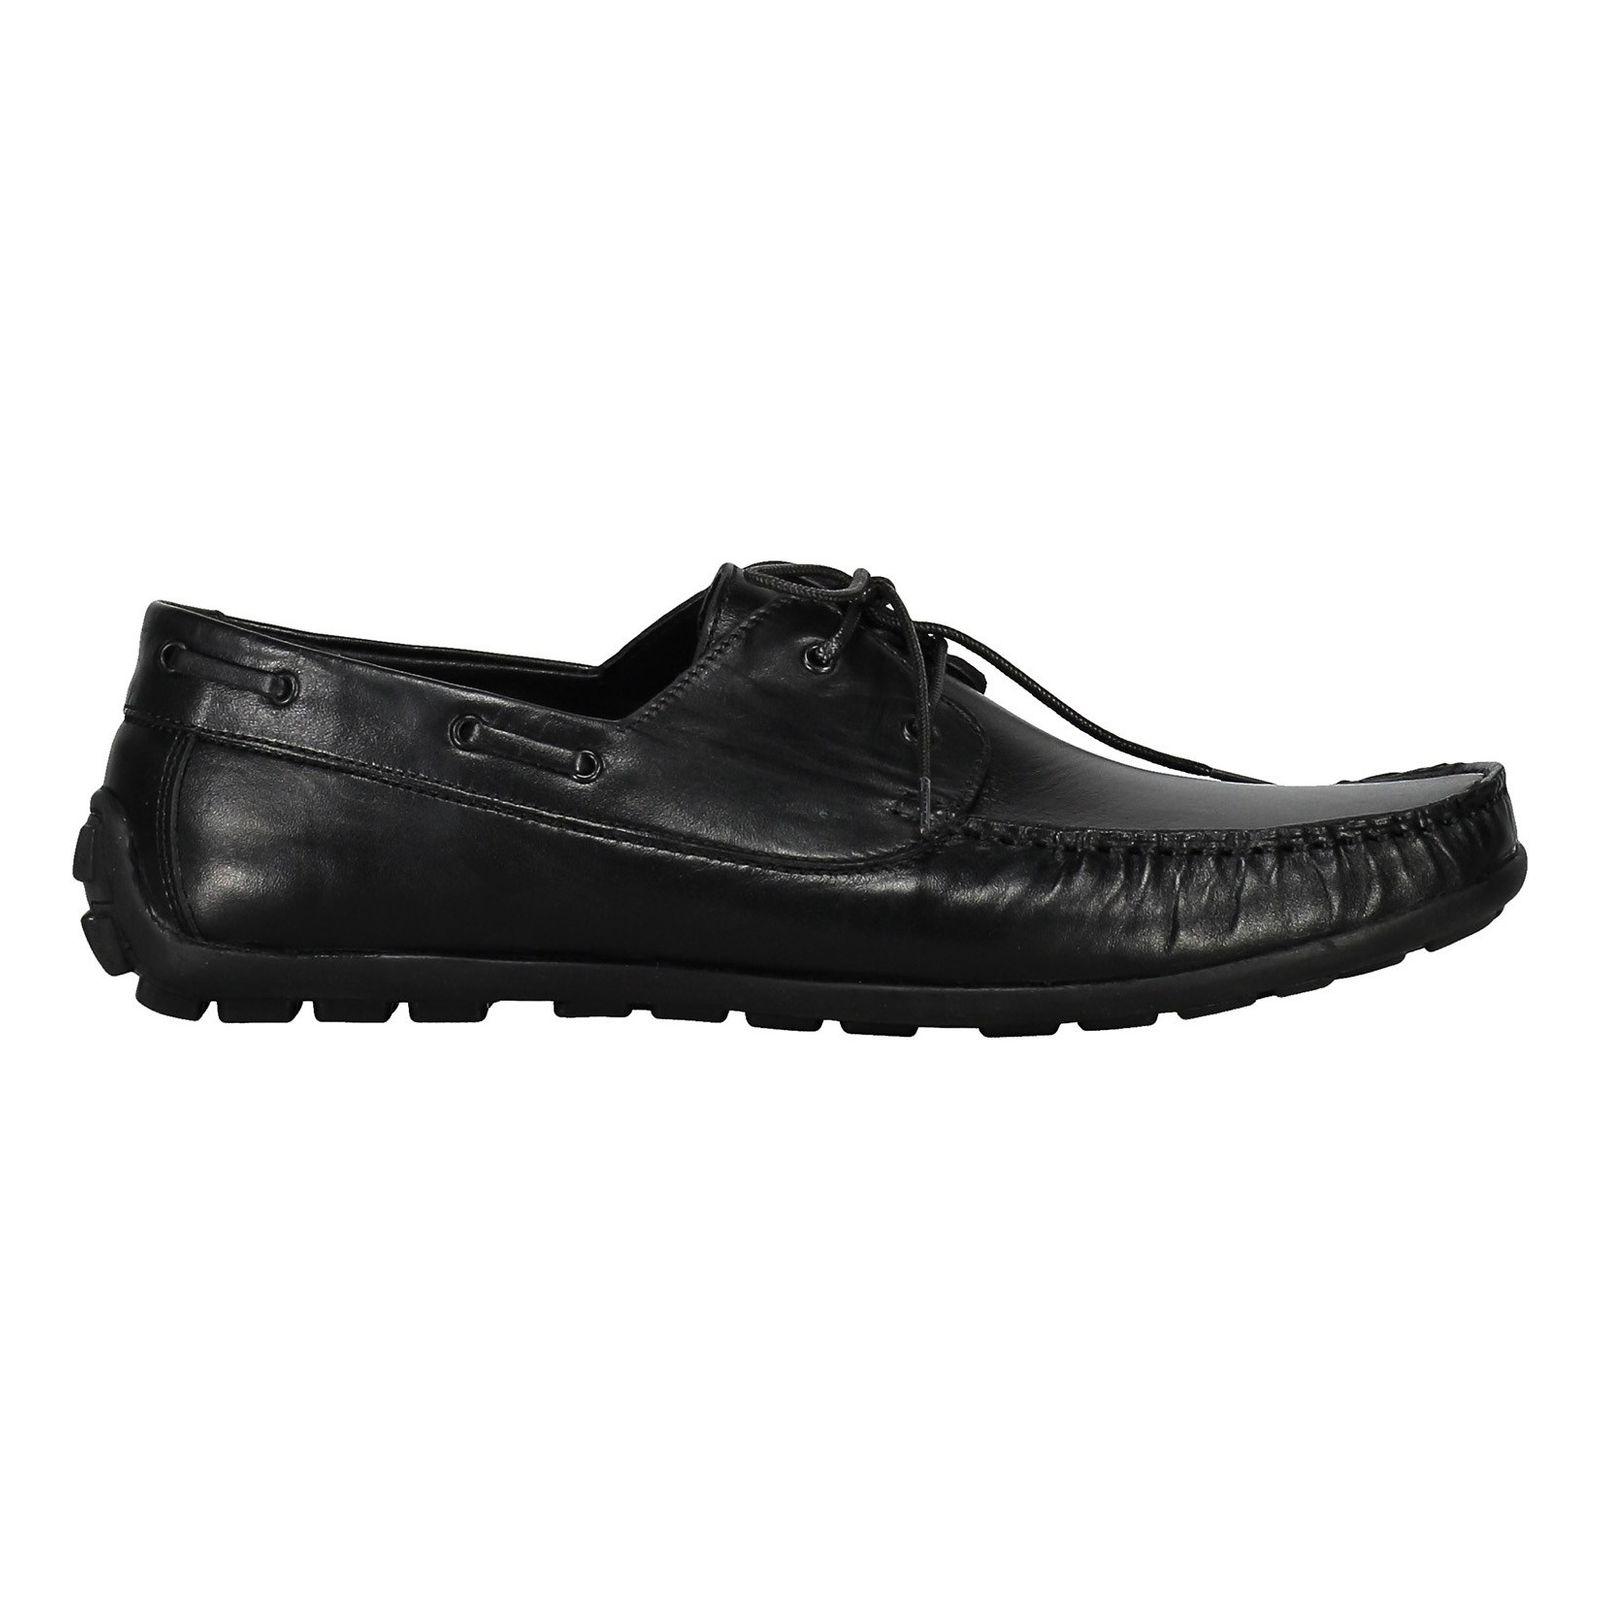 کفش اداری چرم مردانه - چرم مشهد - مشکي       - 1